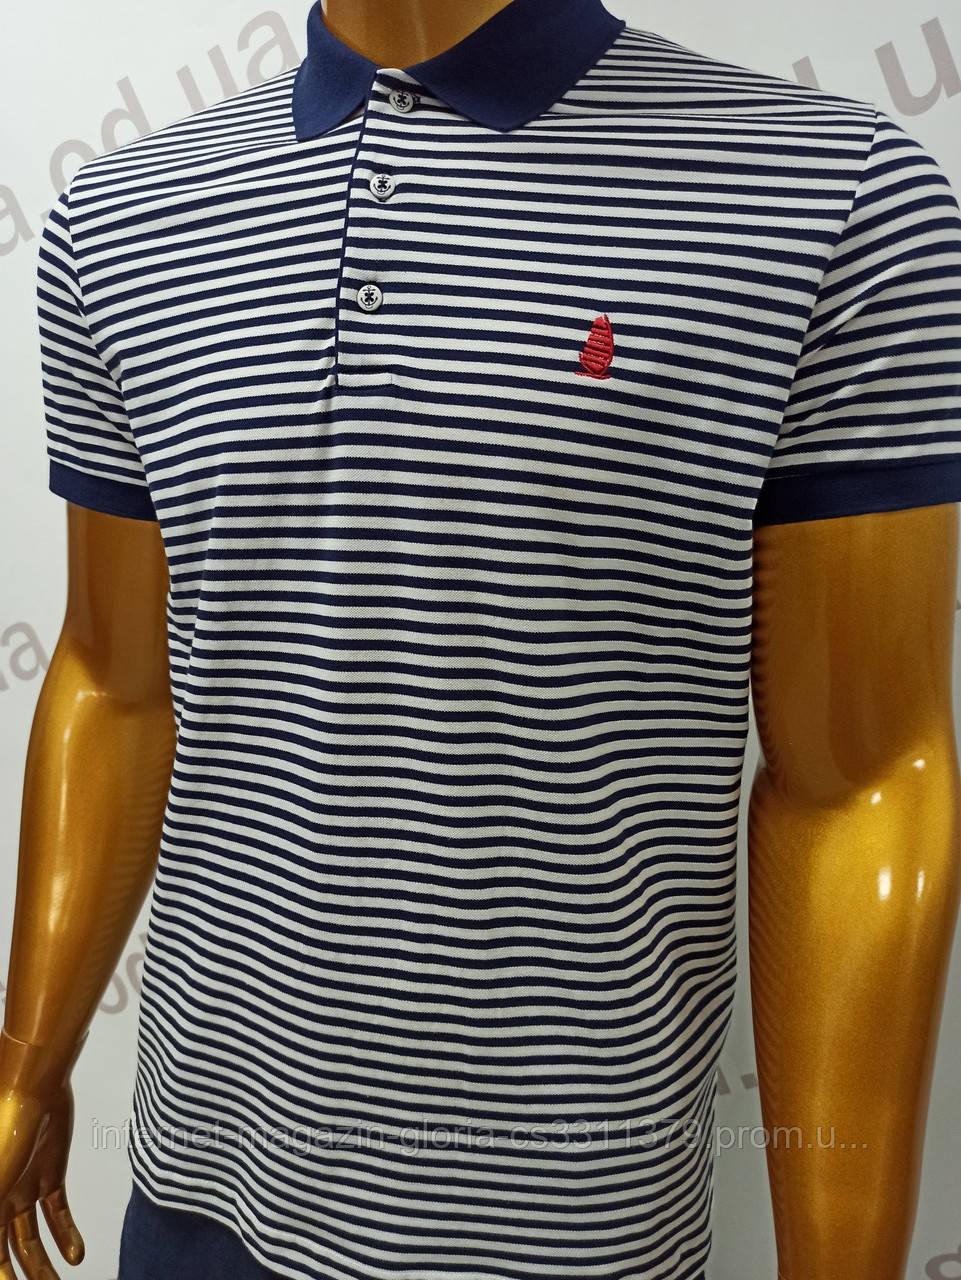 Мужская футболка поло Tony Montana. PSL-1003(tmp241-8). Размеры: M,L,XL,XXL.